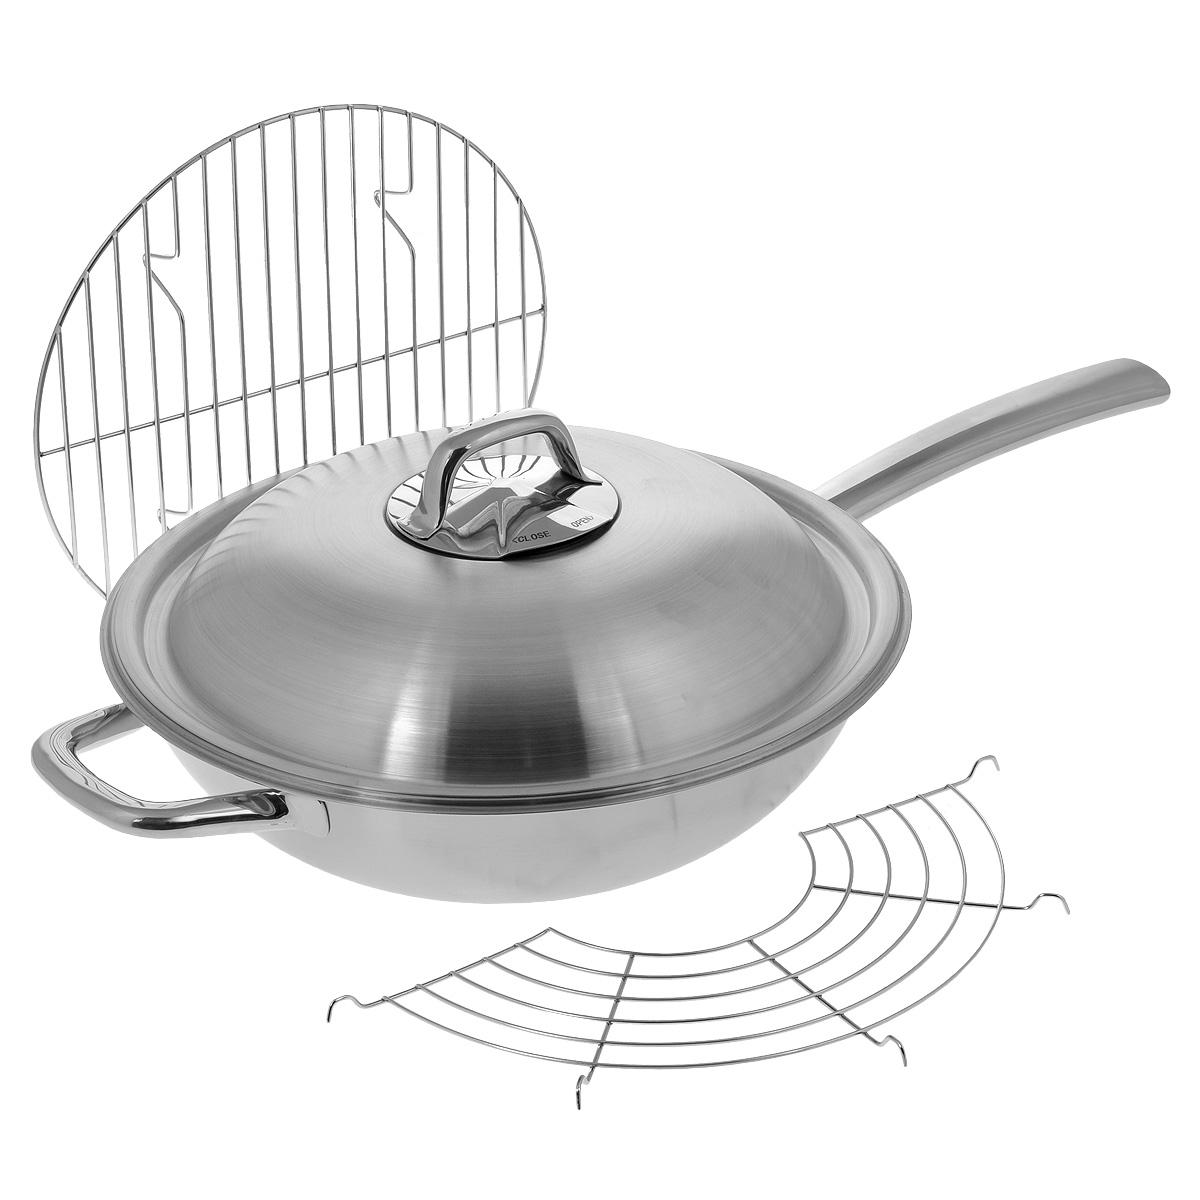 Сковорода-вок Tescoma President с крышкой, с решеткой-подставкой, с сеткой и решеткой для приготовления на пару. Диаметр 32 см780282Сковорода-вок Tescoma President, изготовленная из нержавеющей стали, отлично подходит для жарки, приготовления пищи на пару, блюд азиатской кухни. Благодаря трехслойной конструкции, температура внутри вока остается равномерной и постоянной. Вок имеет куполообразную крышку для оптимальной циркуляции пара и регулирования его выхода. Массивная и маленькая ручки изготовлены из высококачественной нержавеющей стали для комфортного и безопасного обращения. В набор также входят вместительная сетка для приготовления блюд на пару, полукруглая решетка-подставка и решеточка-подставка для хранения и приготовления блюд на пару. Вок имеет матовую поверхность, а длинная ручка - зеркальную. В наборе - буклет с рецептами. Подходит для всех типов плит, в том числе для индукционных. Можно мыть в посудомоечной машине. Высота стенки вока: 9,5 см. Длина ручки: 22 см. Толщина стенки: 2 мм. Толщина дна: 3 мм. Диаметр по верхнему краю: 32 см. ...